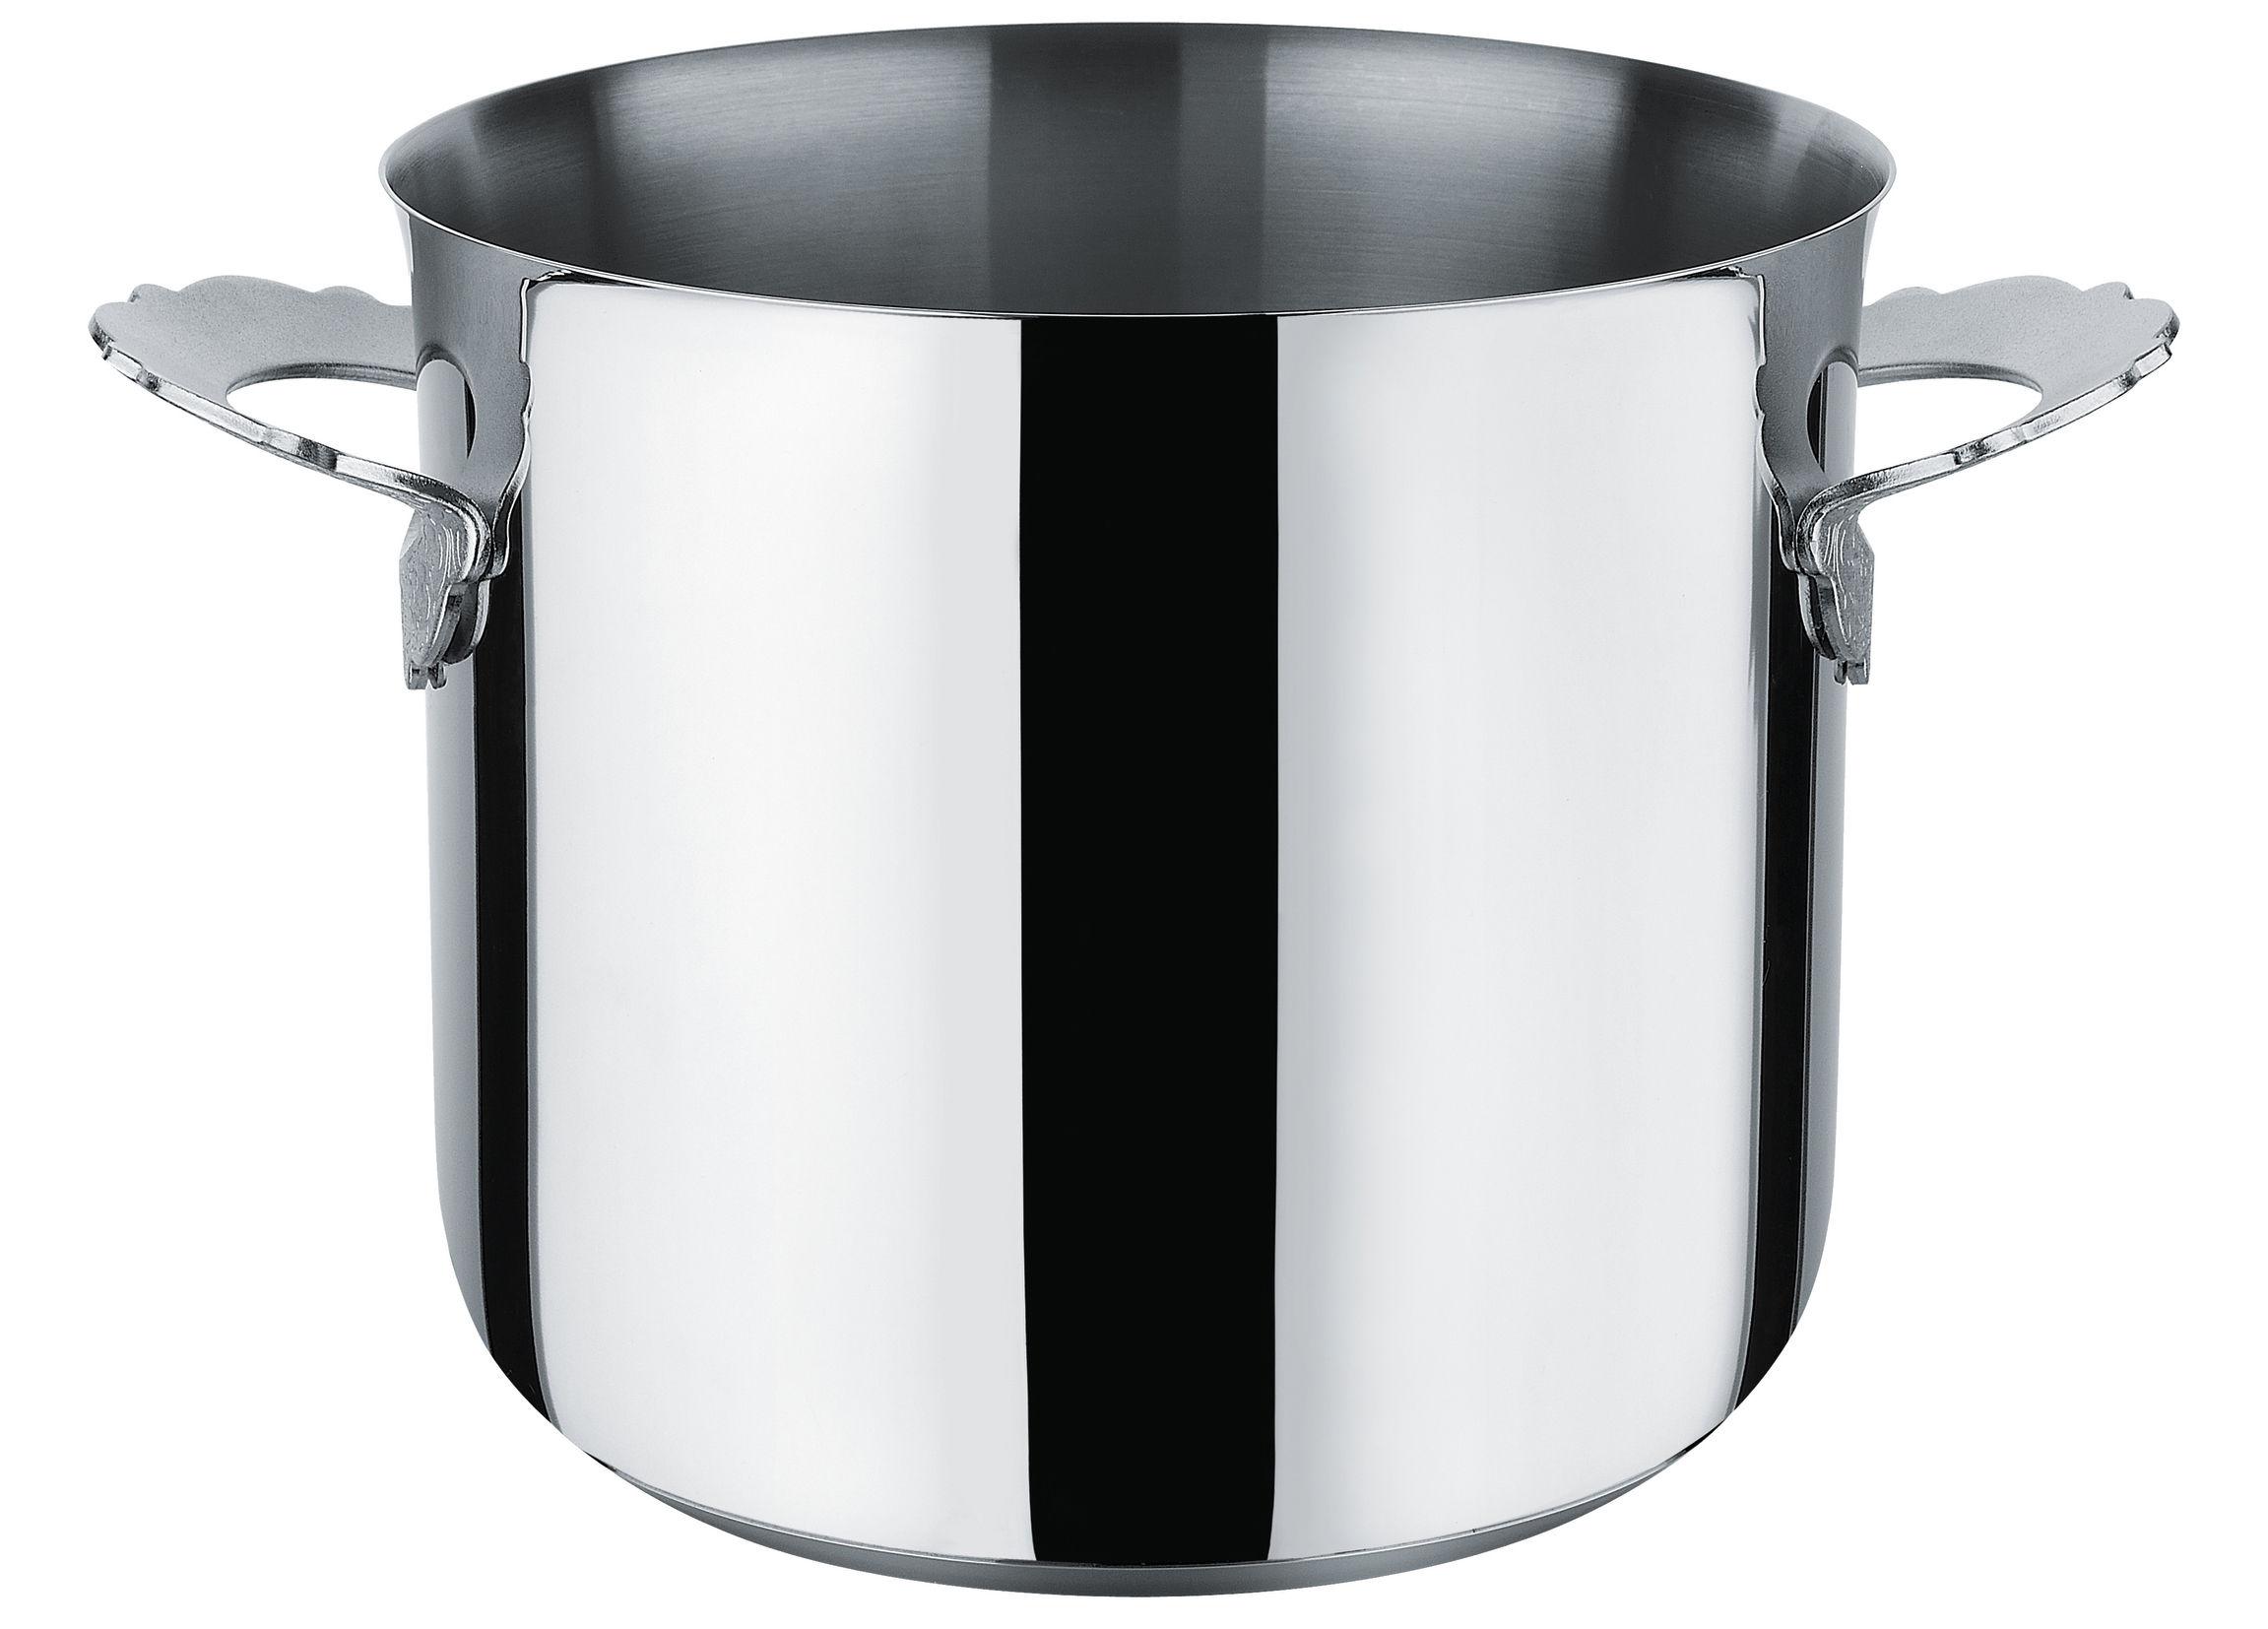 Küche - Pfannen, Koch- und Schmortöpfe - Dressed Schmortopf / Ø 20 cm - Alessi - Ø 20 cm / Stahl glänzend - Acier inoxydable 18/10